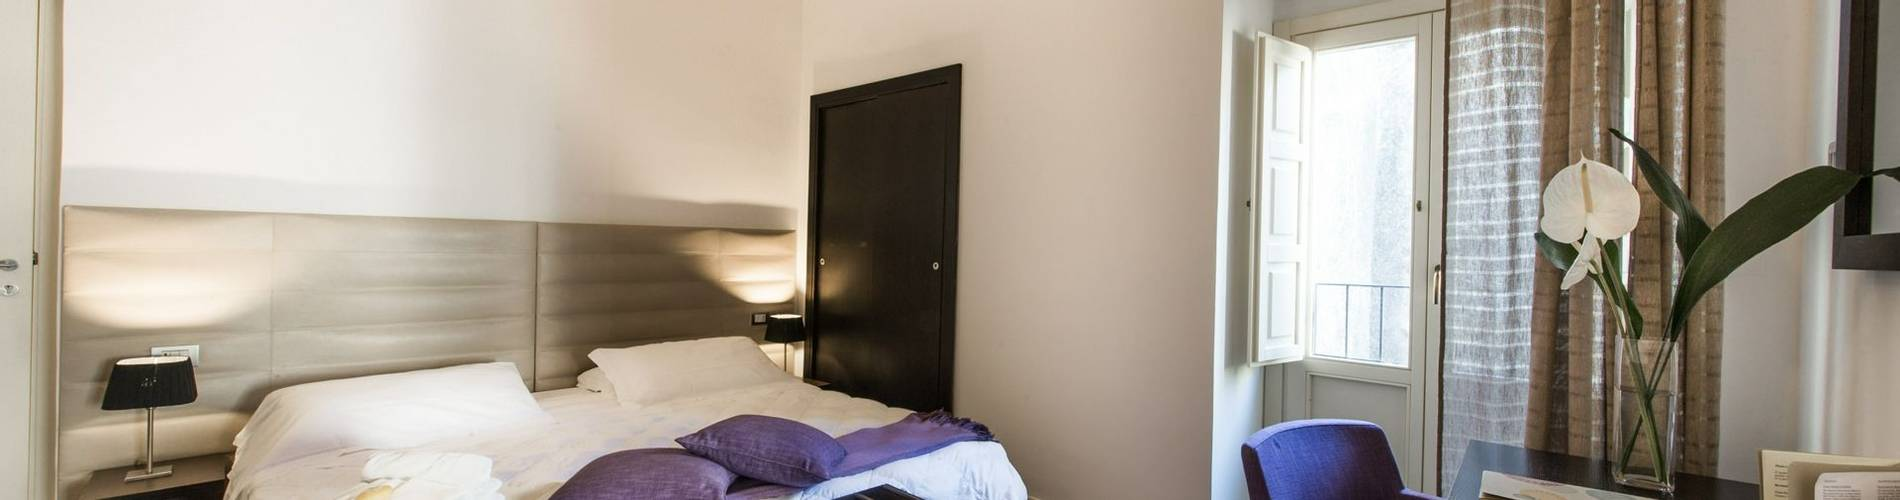 Villa Del Lauro, Sicily, Italy, camera 12 suite.jpg